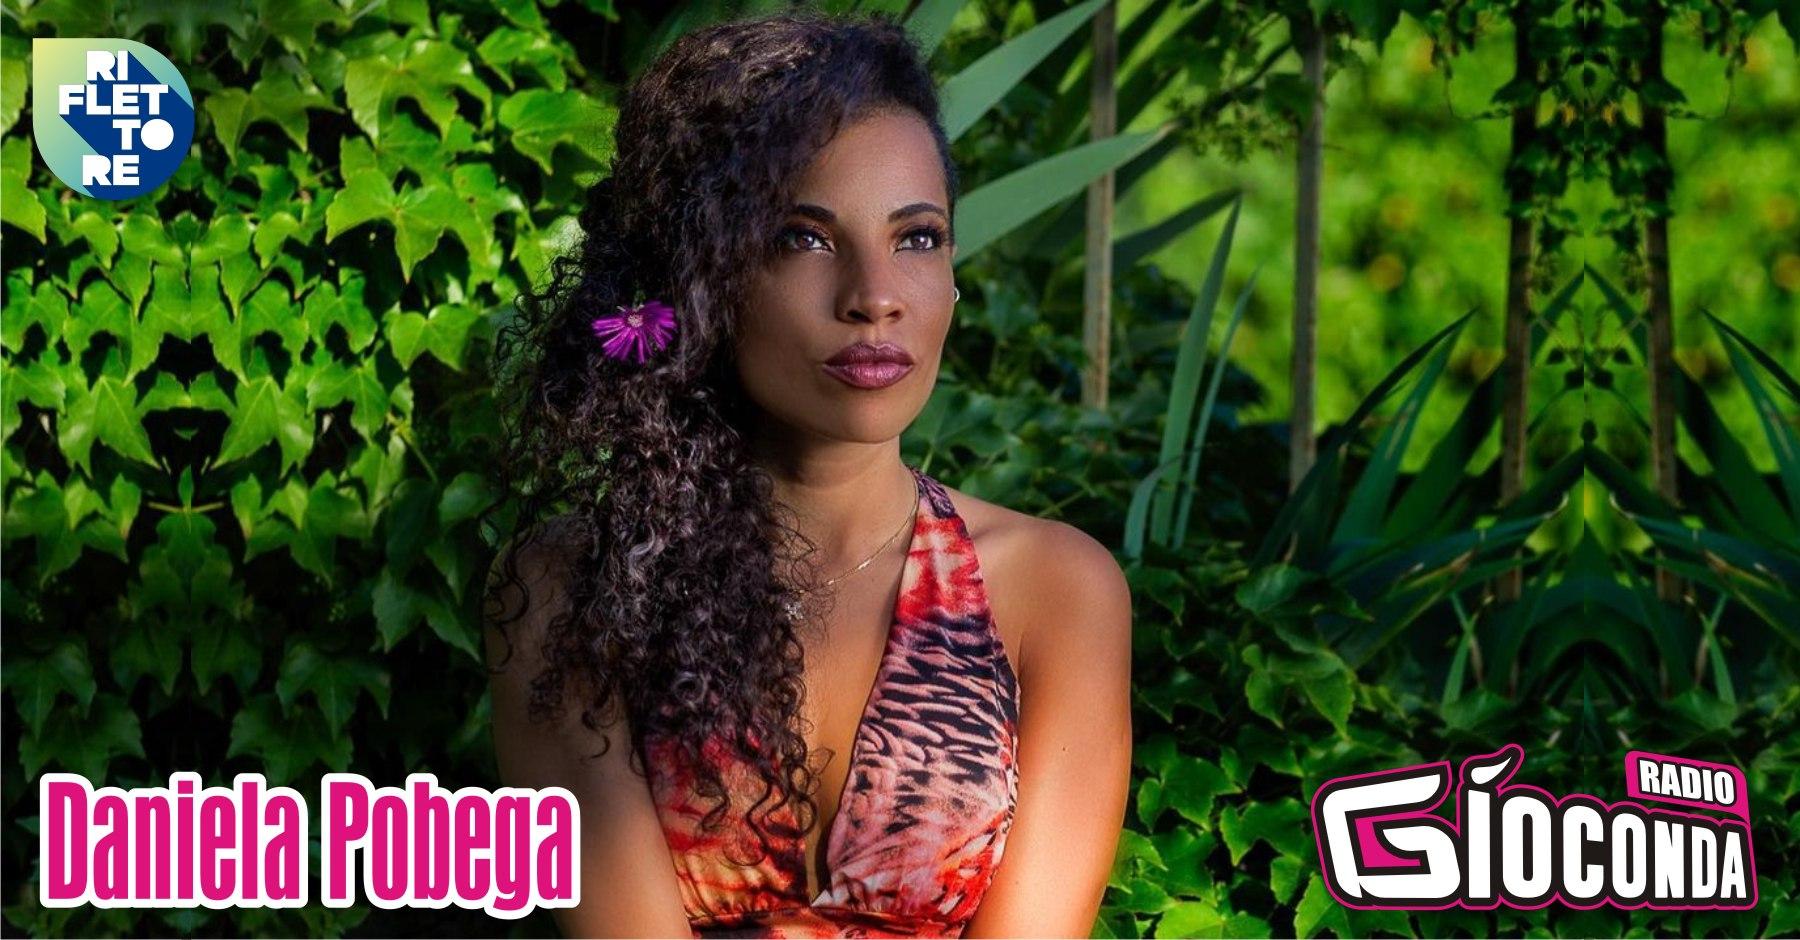 """Daniela Pobega, artista di fama internazionale, è la protagonista della puntata di venerdì 9 luglio di """"Riflettore"""". Nata in Brasile, ma triestina di adozione, si è cimentata in differenti generi musicali, iniziando dal musical come Fata Turchina nel """"Pinocchio"""" dei Pooh, dando vita alla prima Nala spagnola nel musical Disney """"El Rey León"""", fino al jazz, al gospel, al pop rock. Come attrice ha preso parte alla fiction """"Volevo fare la rockstar"""", in onda su Rai 2, nel ruolo di Aisha. Come vocal coach ha anche lavorato alla prima puntata di """"Sanremo Young 2019"""". Nel 2020, in Spagna, ha partecipato a """"La Voz"""" (The Voice), nel team di Pablo López. Daniela Pobegaha da poco pubblicato il suo primo singolo dal titolo """"JOGA"""", realizzato in collaborazione con Mr. André Cruz, Tiago Da Silva e Rafael Valle. La cantante e performer è uno degli ospiti d'onore di """"Perlage"""", la rassegna dedicata alle bollicine in programma venerdì 9 luglio nella suggestiva cornice del Castello di Udine con inizio alle 19.00. Radio Gioconda è la radio ufficiale dell'evento. ▶️ #Riflettore è possibile seguirlo ogni venerdì alle 14.30 e in replica alle 20.30 in #fm (98.5 MHz Udine – 98.3 MHz Pordenone – 105.9 MHz Gorizia -107.3 MHz Trieste – 104.8 MHz Tolmezzo – 106.9 Gemona) e anche atraverso lo streaming disponibile sul sito www.radiogioconda.it e sull'APP """"Radio Gioconda"""". La trasmissione è a cura di Linda Fiore."""